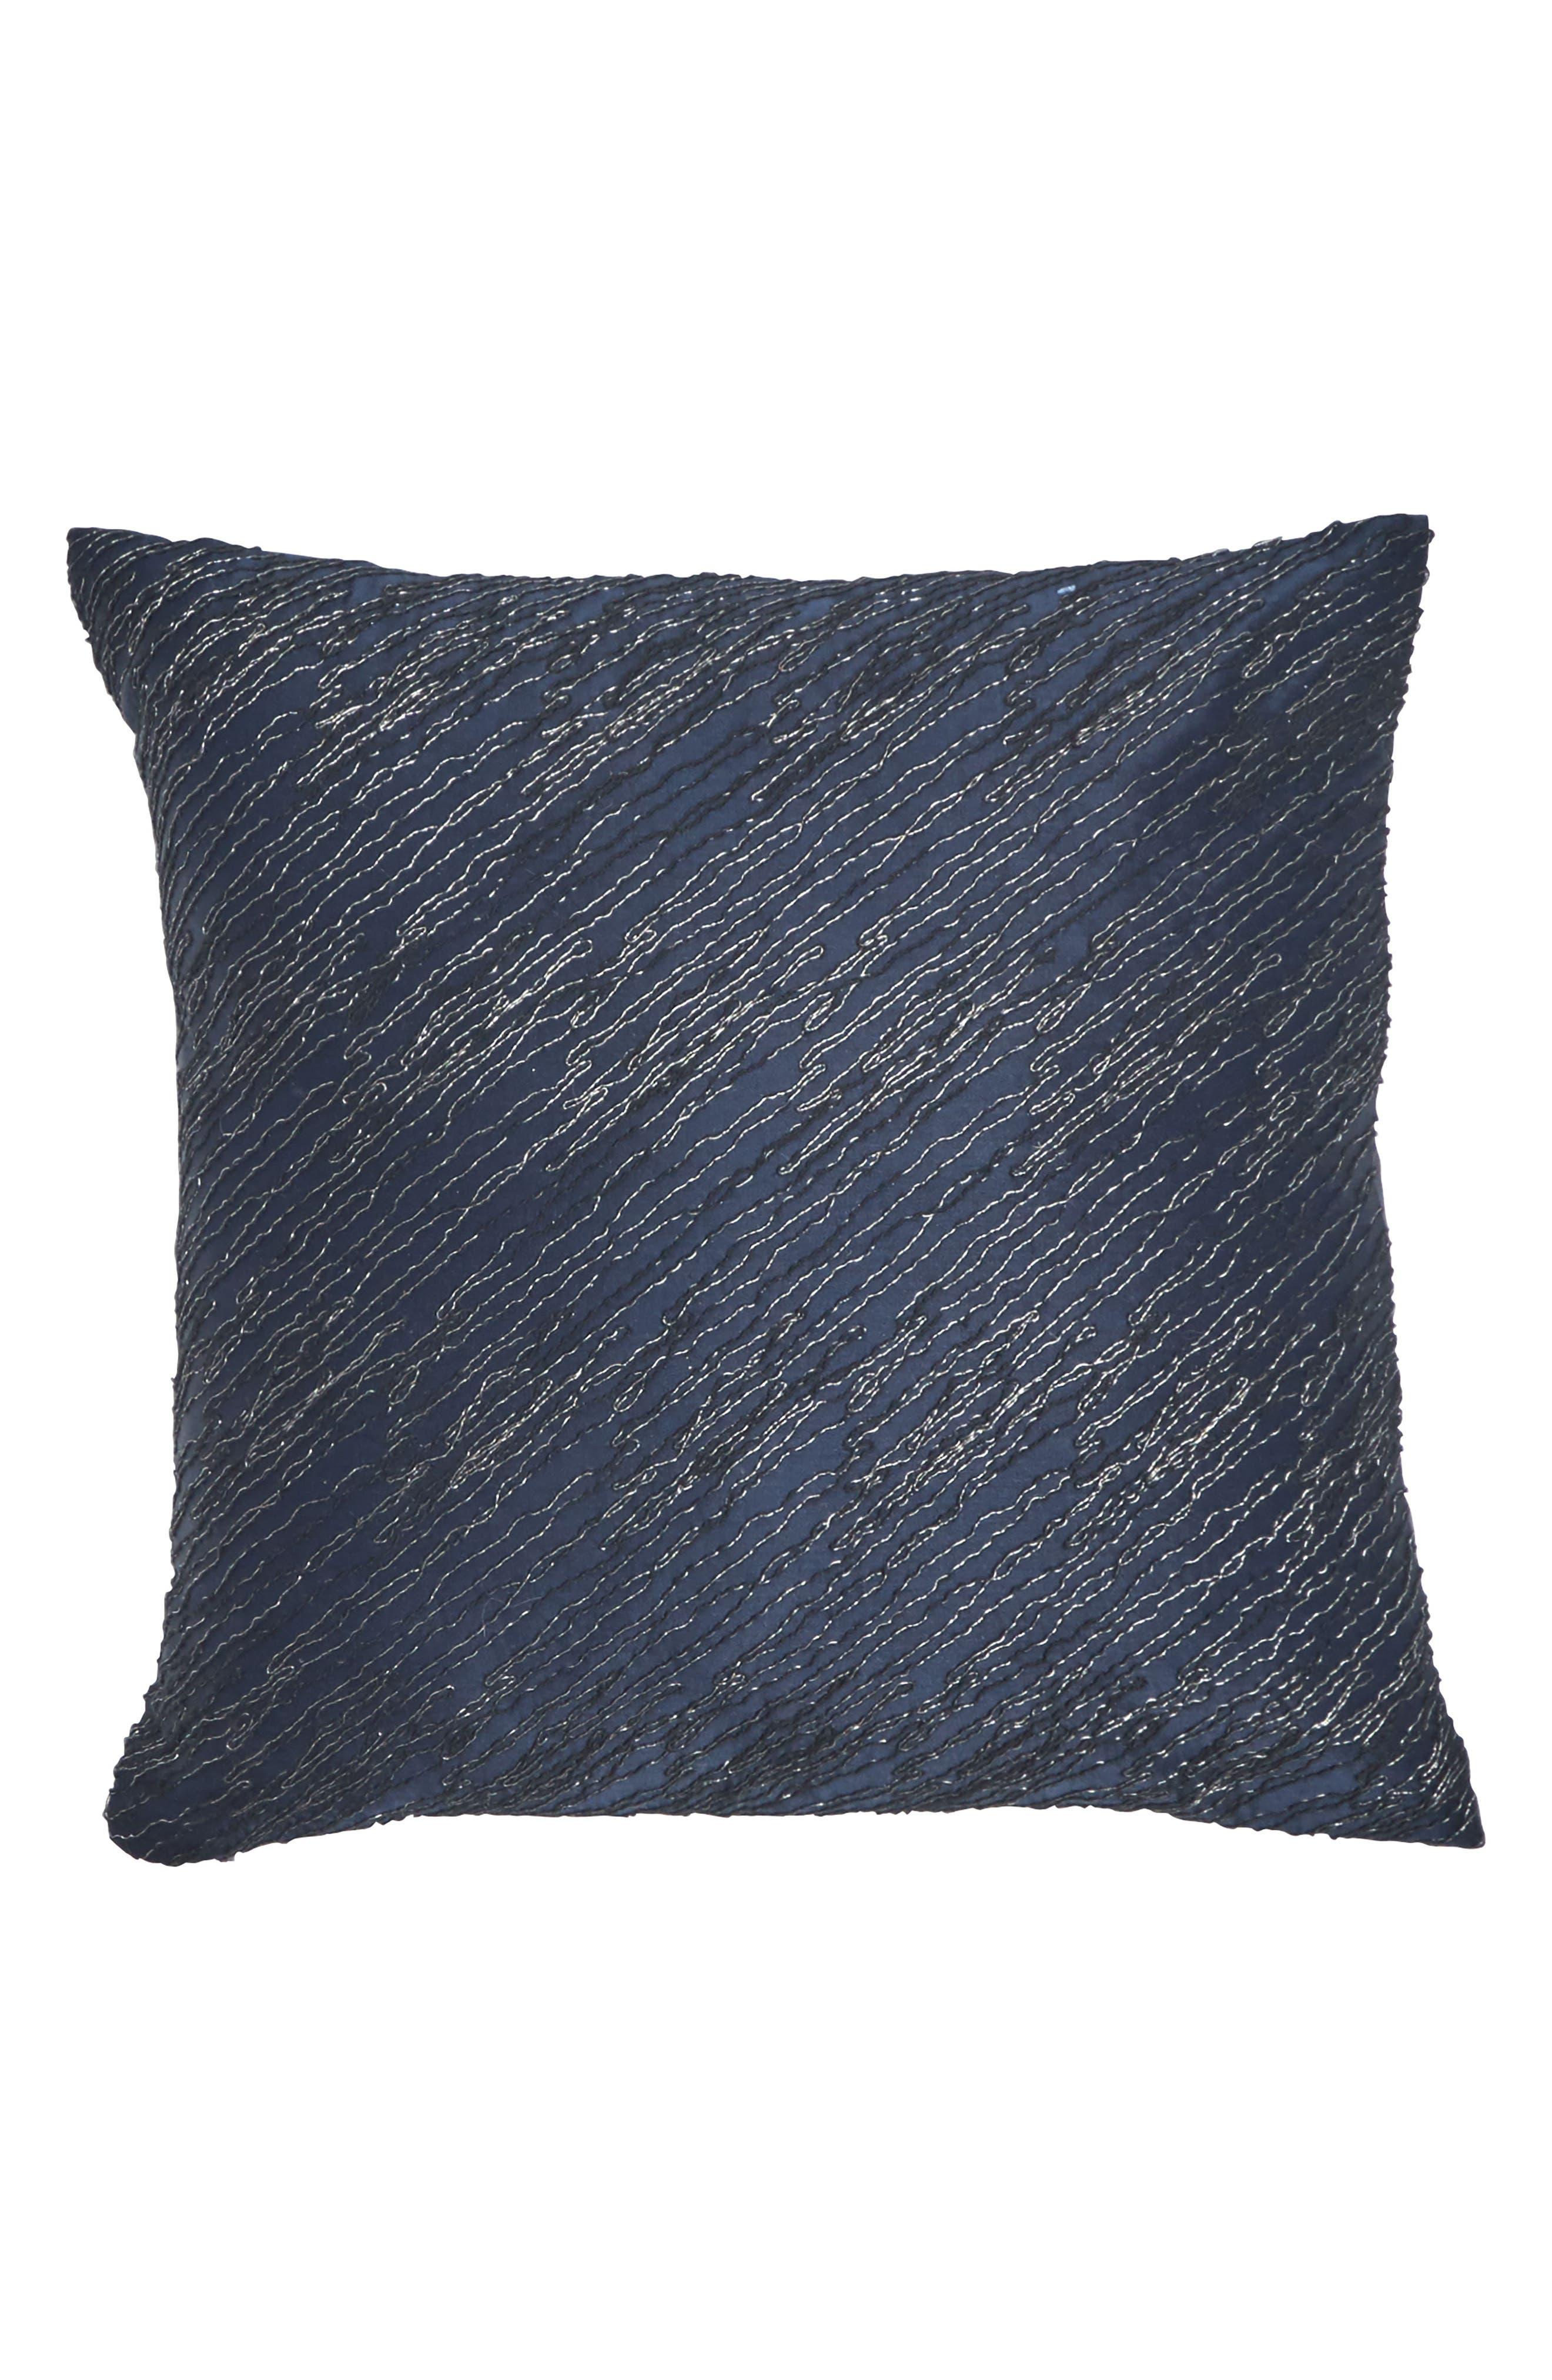 DONNA KARAN NEW YORK, Ocean Pillow, Main thumbnail 1, color, NAVY